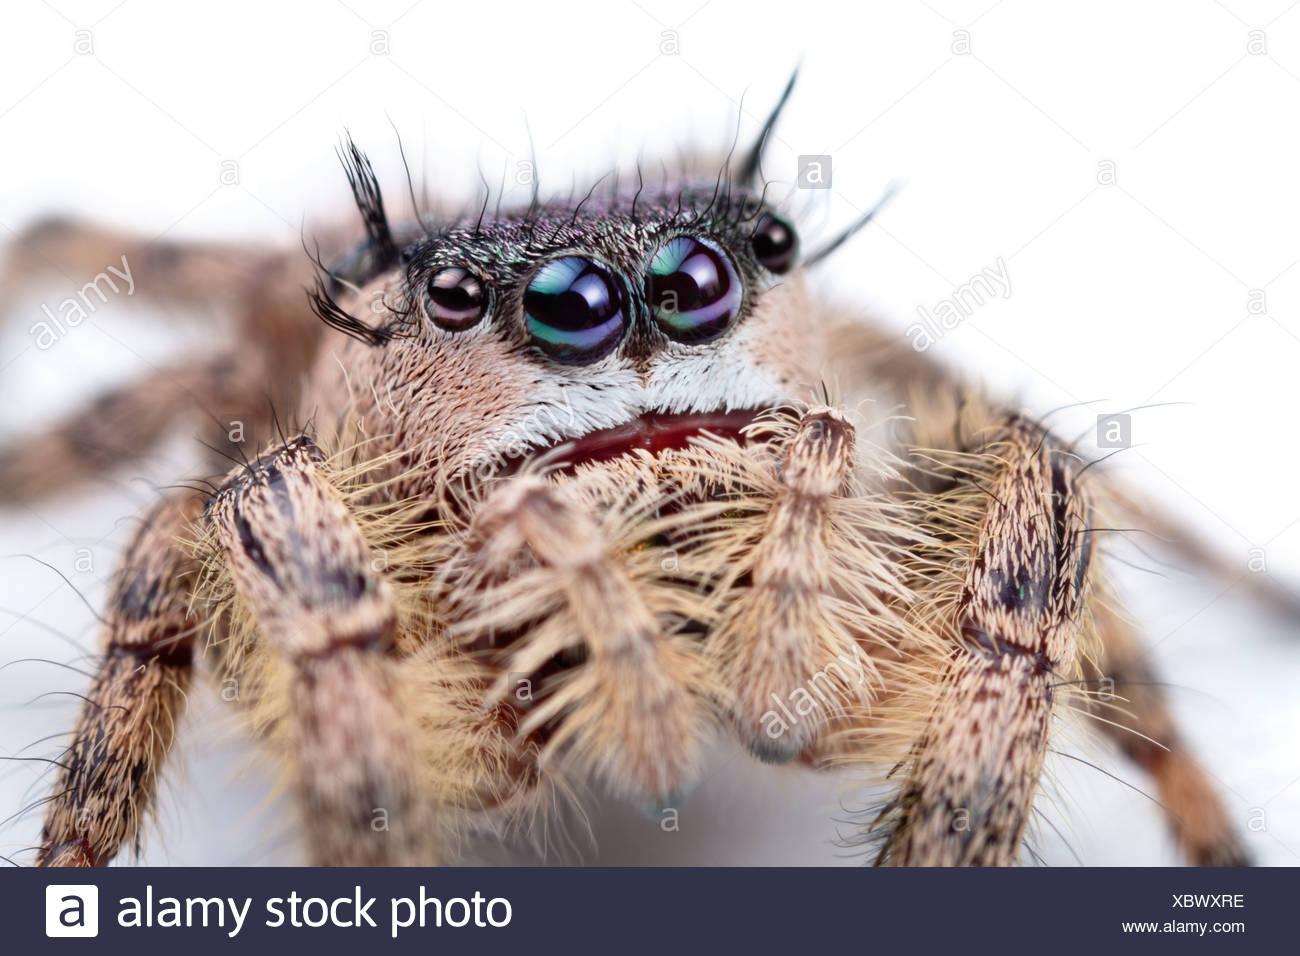 Baldachin-Jumping Spider weibliche Gefangene, Austalien aus Nordamerika. Größe 1cm < Stockbild